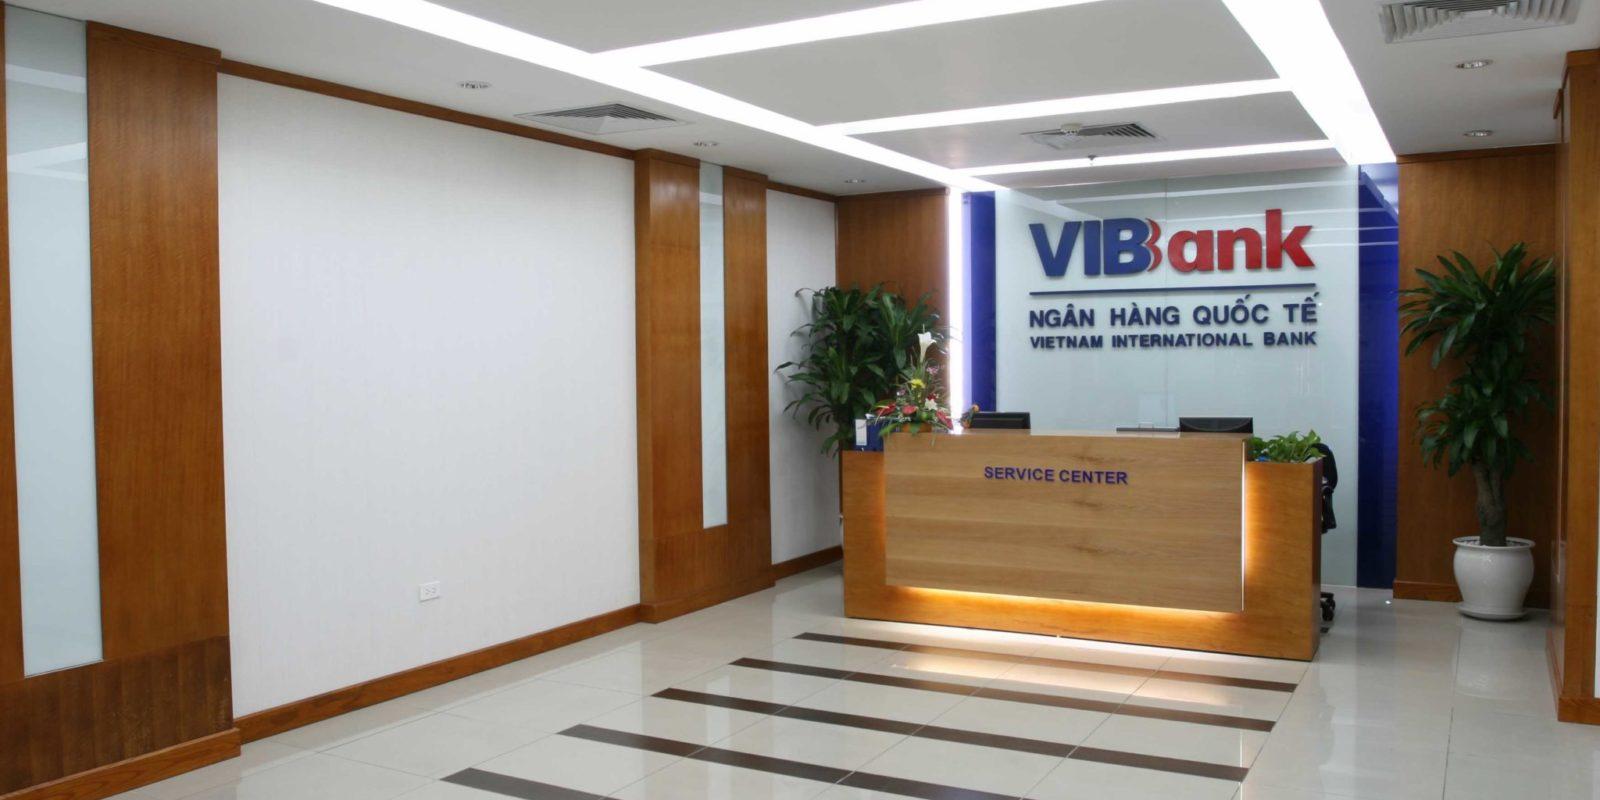 Ngân hàng TMCP Quốc tế VIB